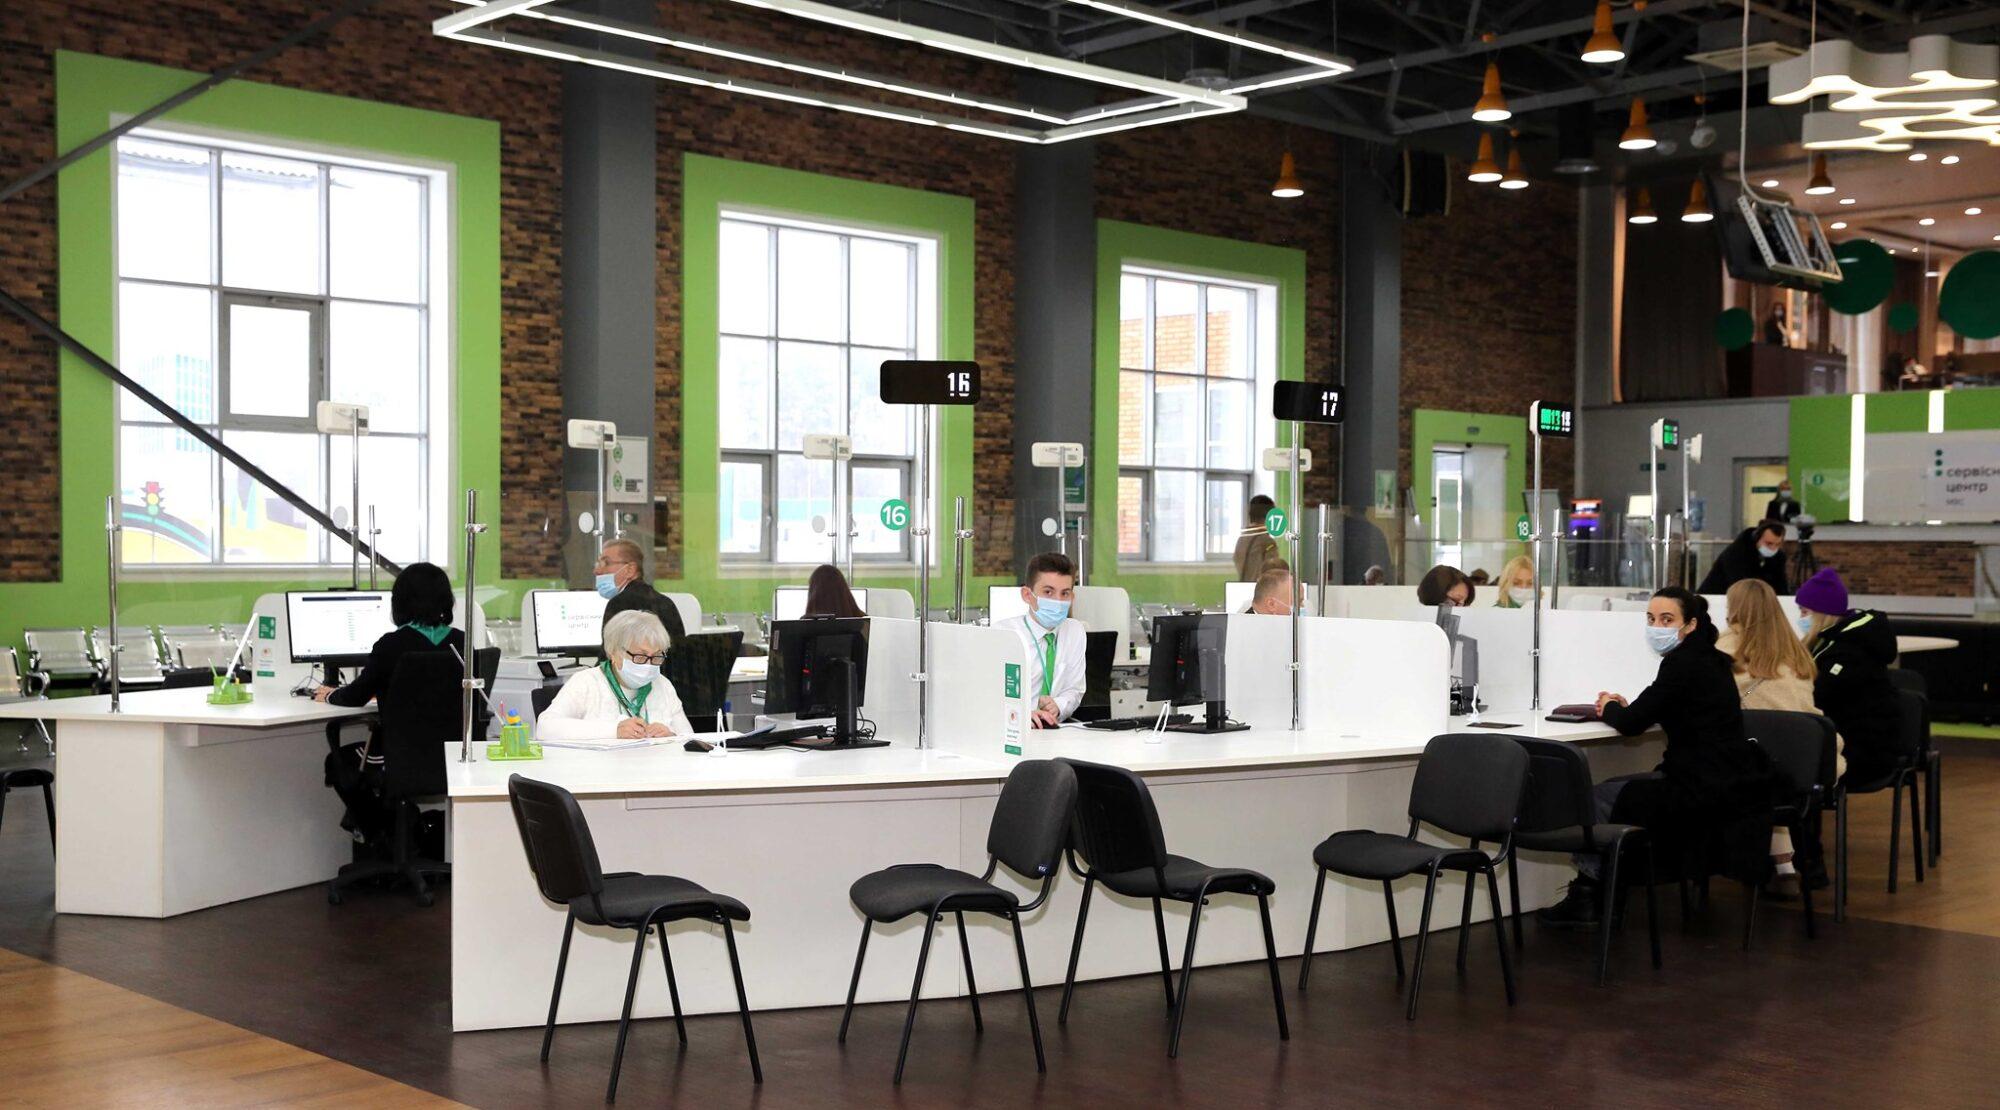 Найпопулярніший у Києві сервісний центр МВС переїхав з Туполєва - транспортні засоби, Сервісні центри МВС, переїзд - 146113104 2041826015959131 7952970239534425063 o 2000x1110